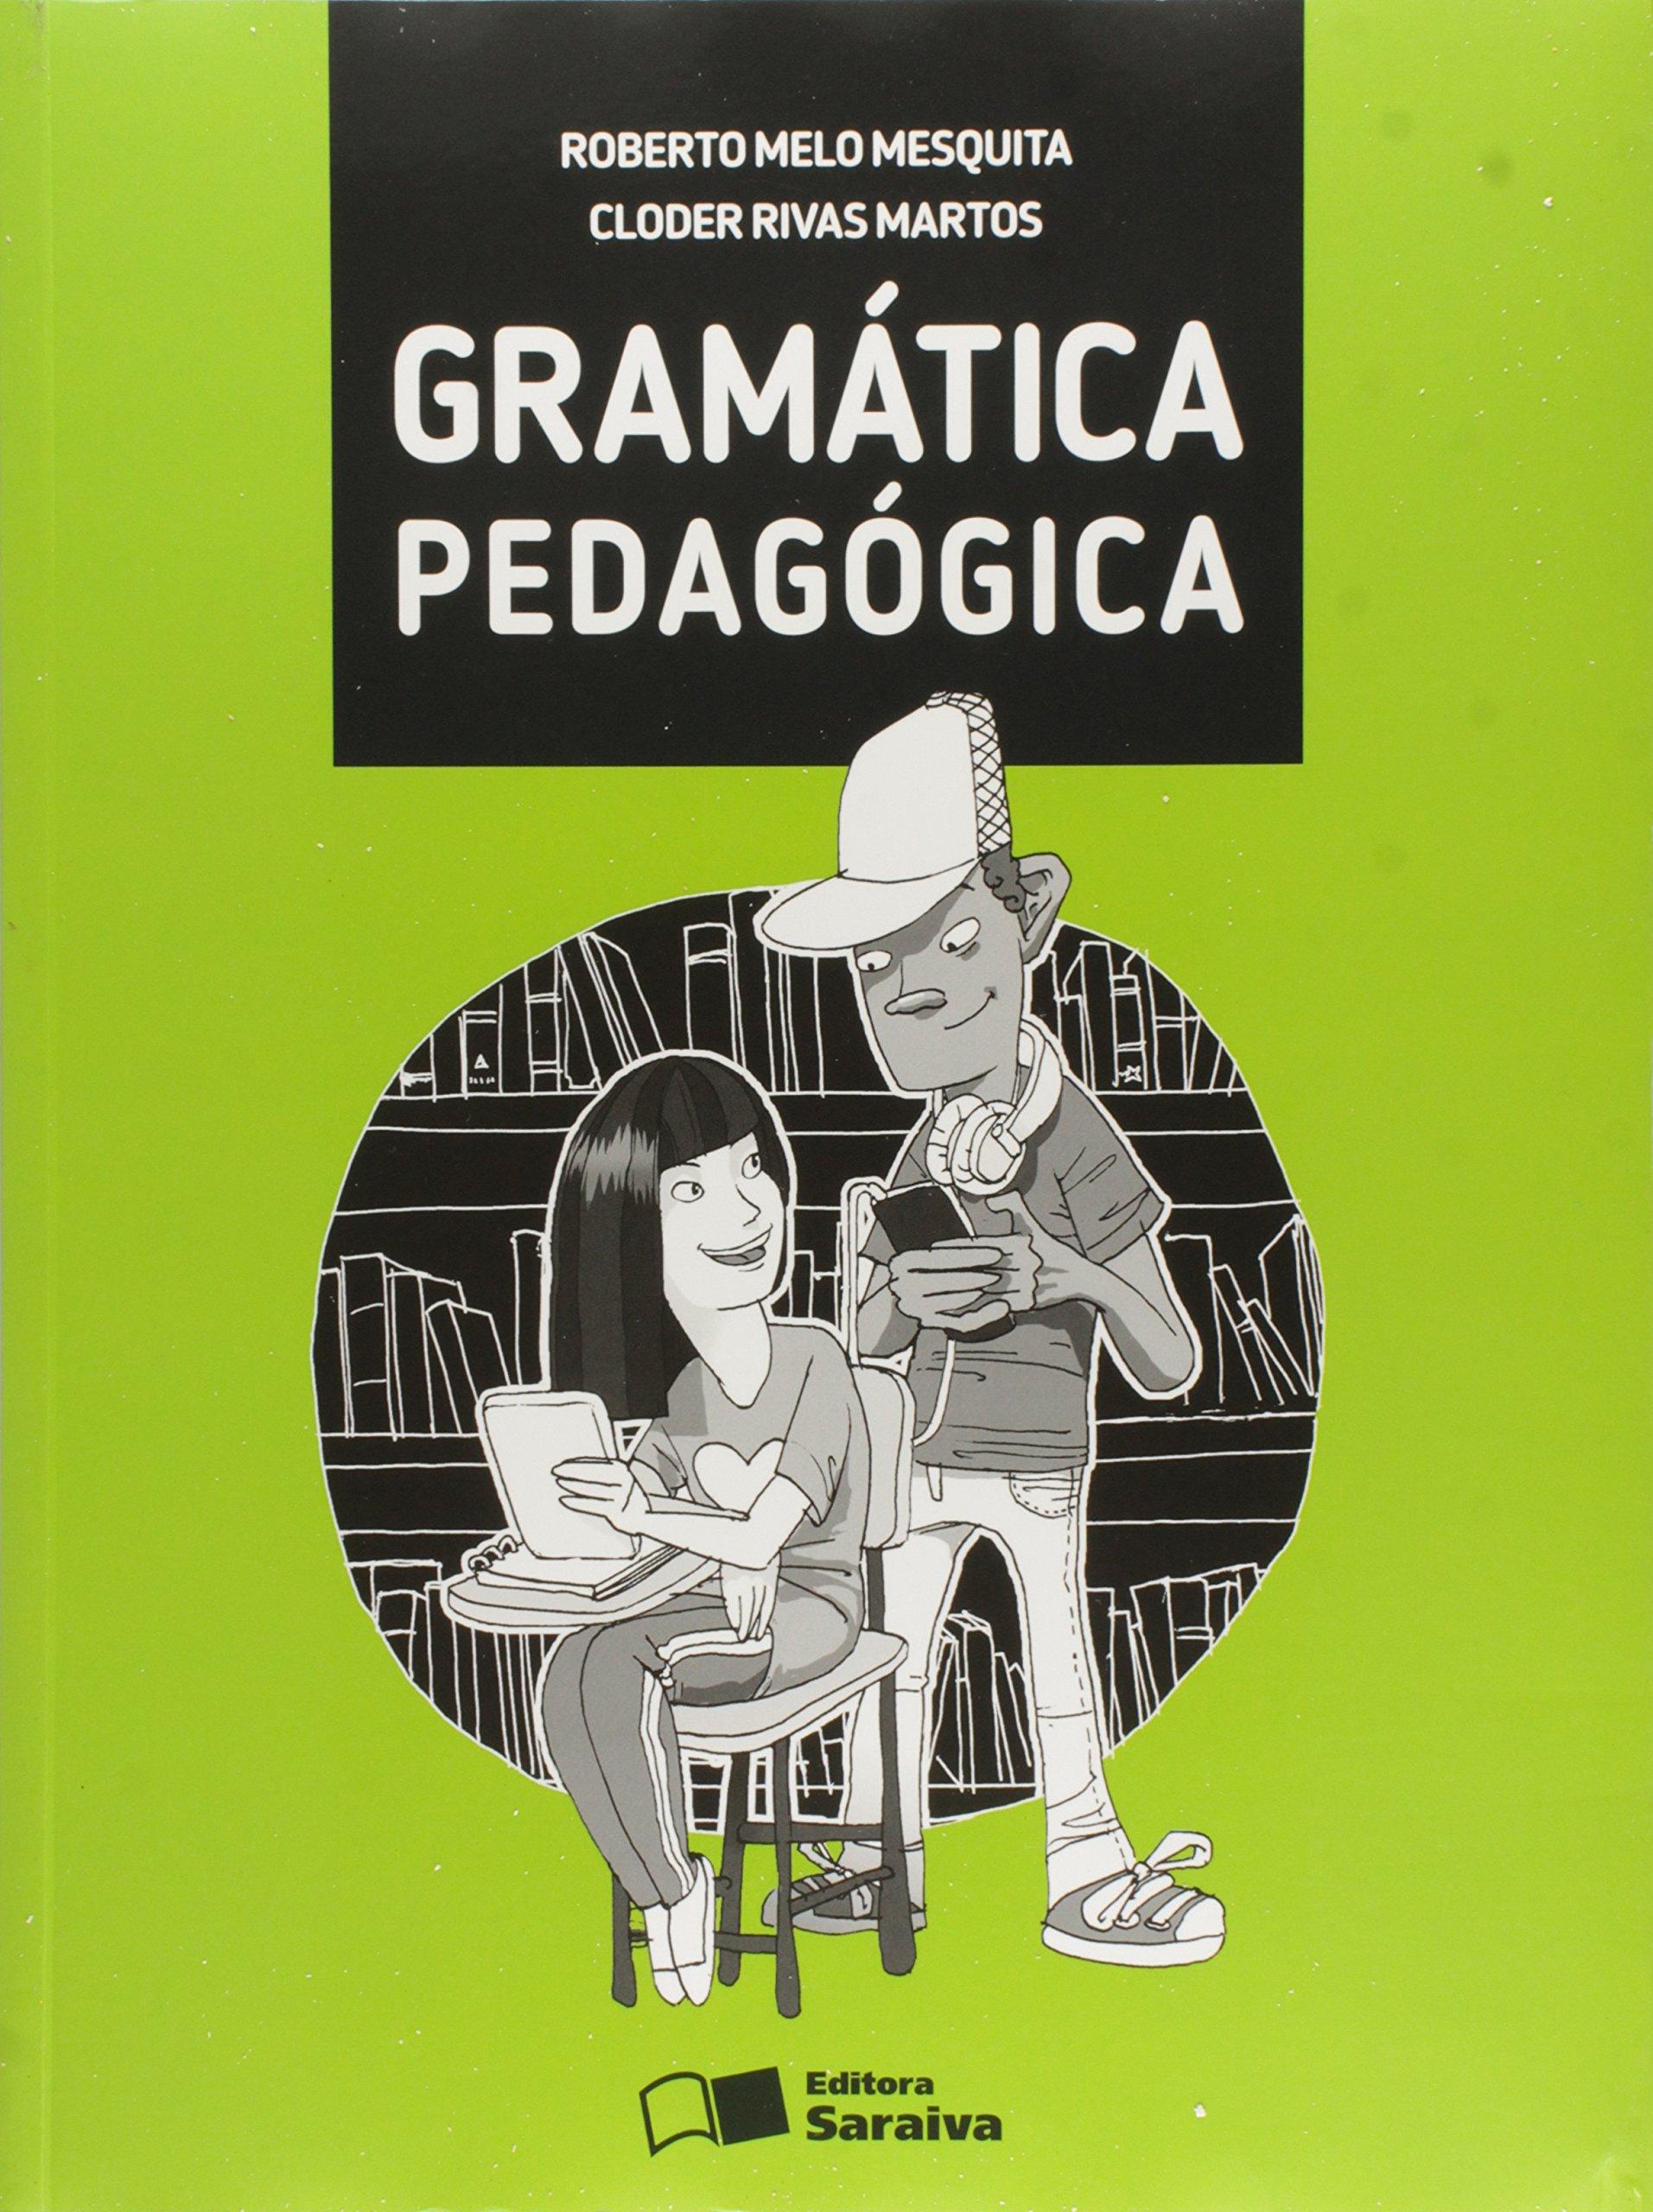 Pdf portugues pedagogica brasileiro gramatica do